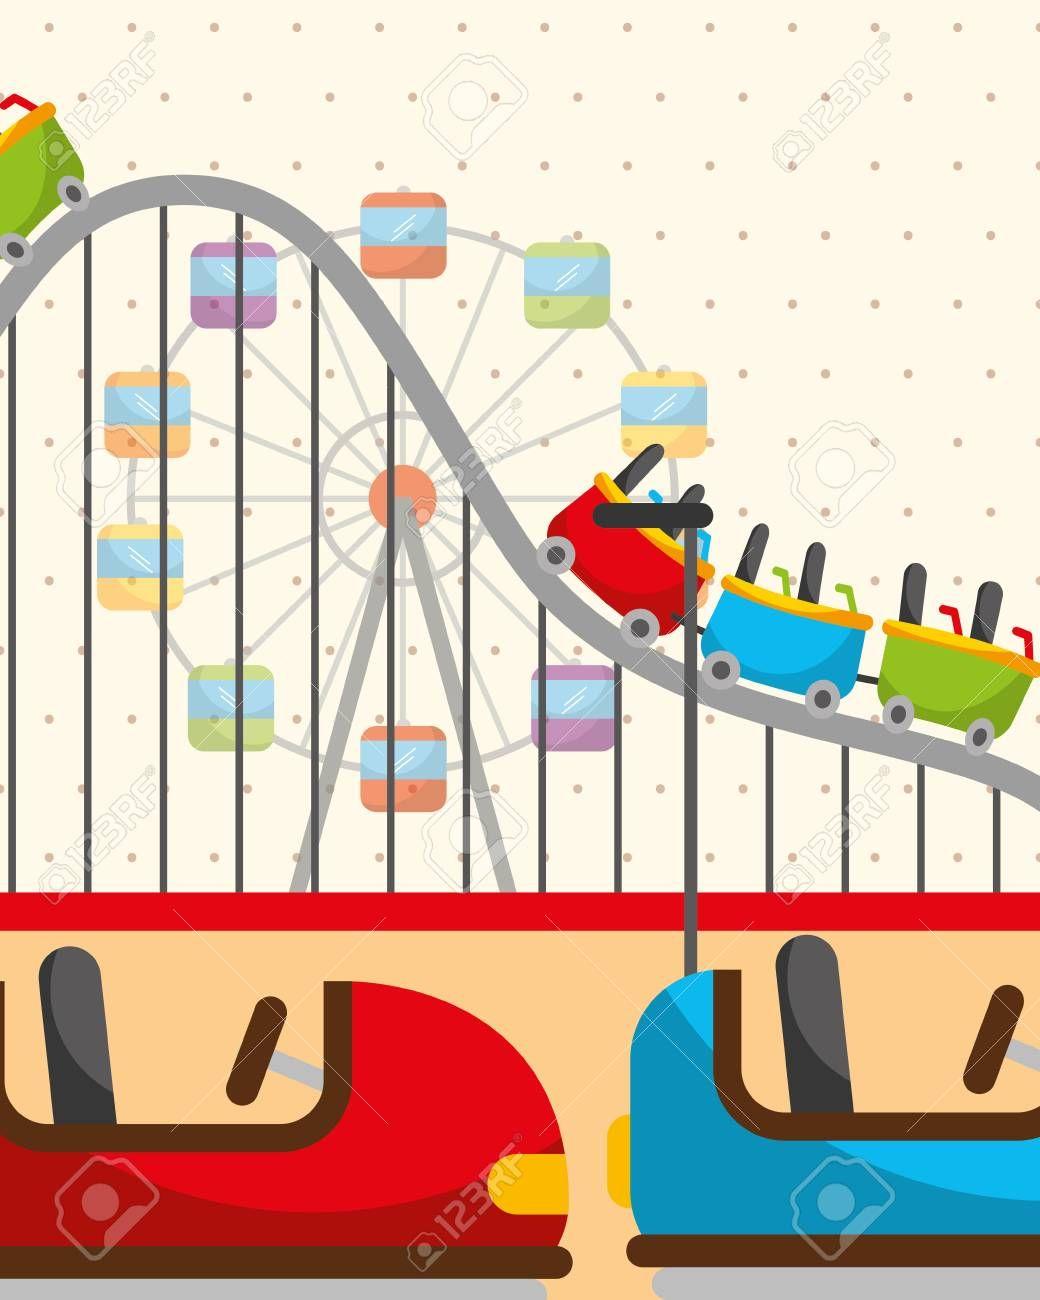 Roller Coaster Ferris Wheel And Bumper Cars Carnival Fun Fair Festival Vector Il Graphic Design Portfolio Print Print Portfolio Design Graphic Design Portfolio